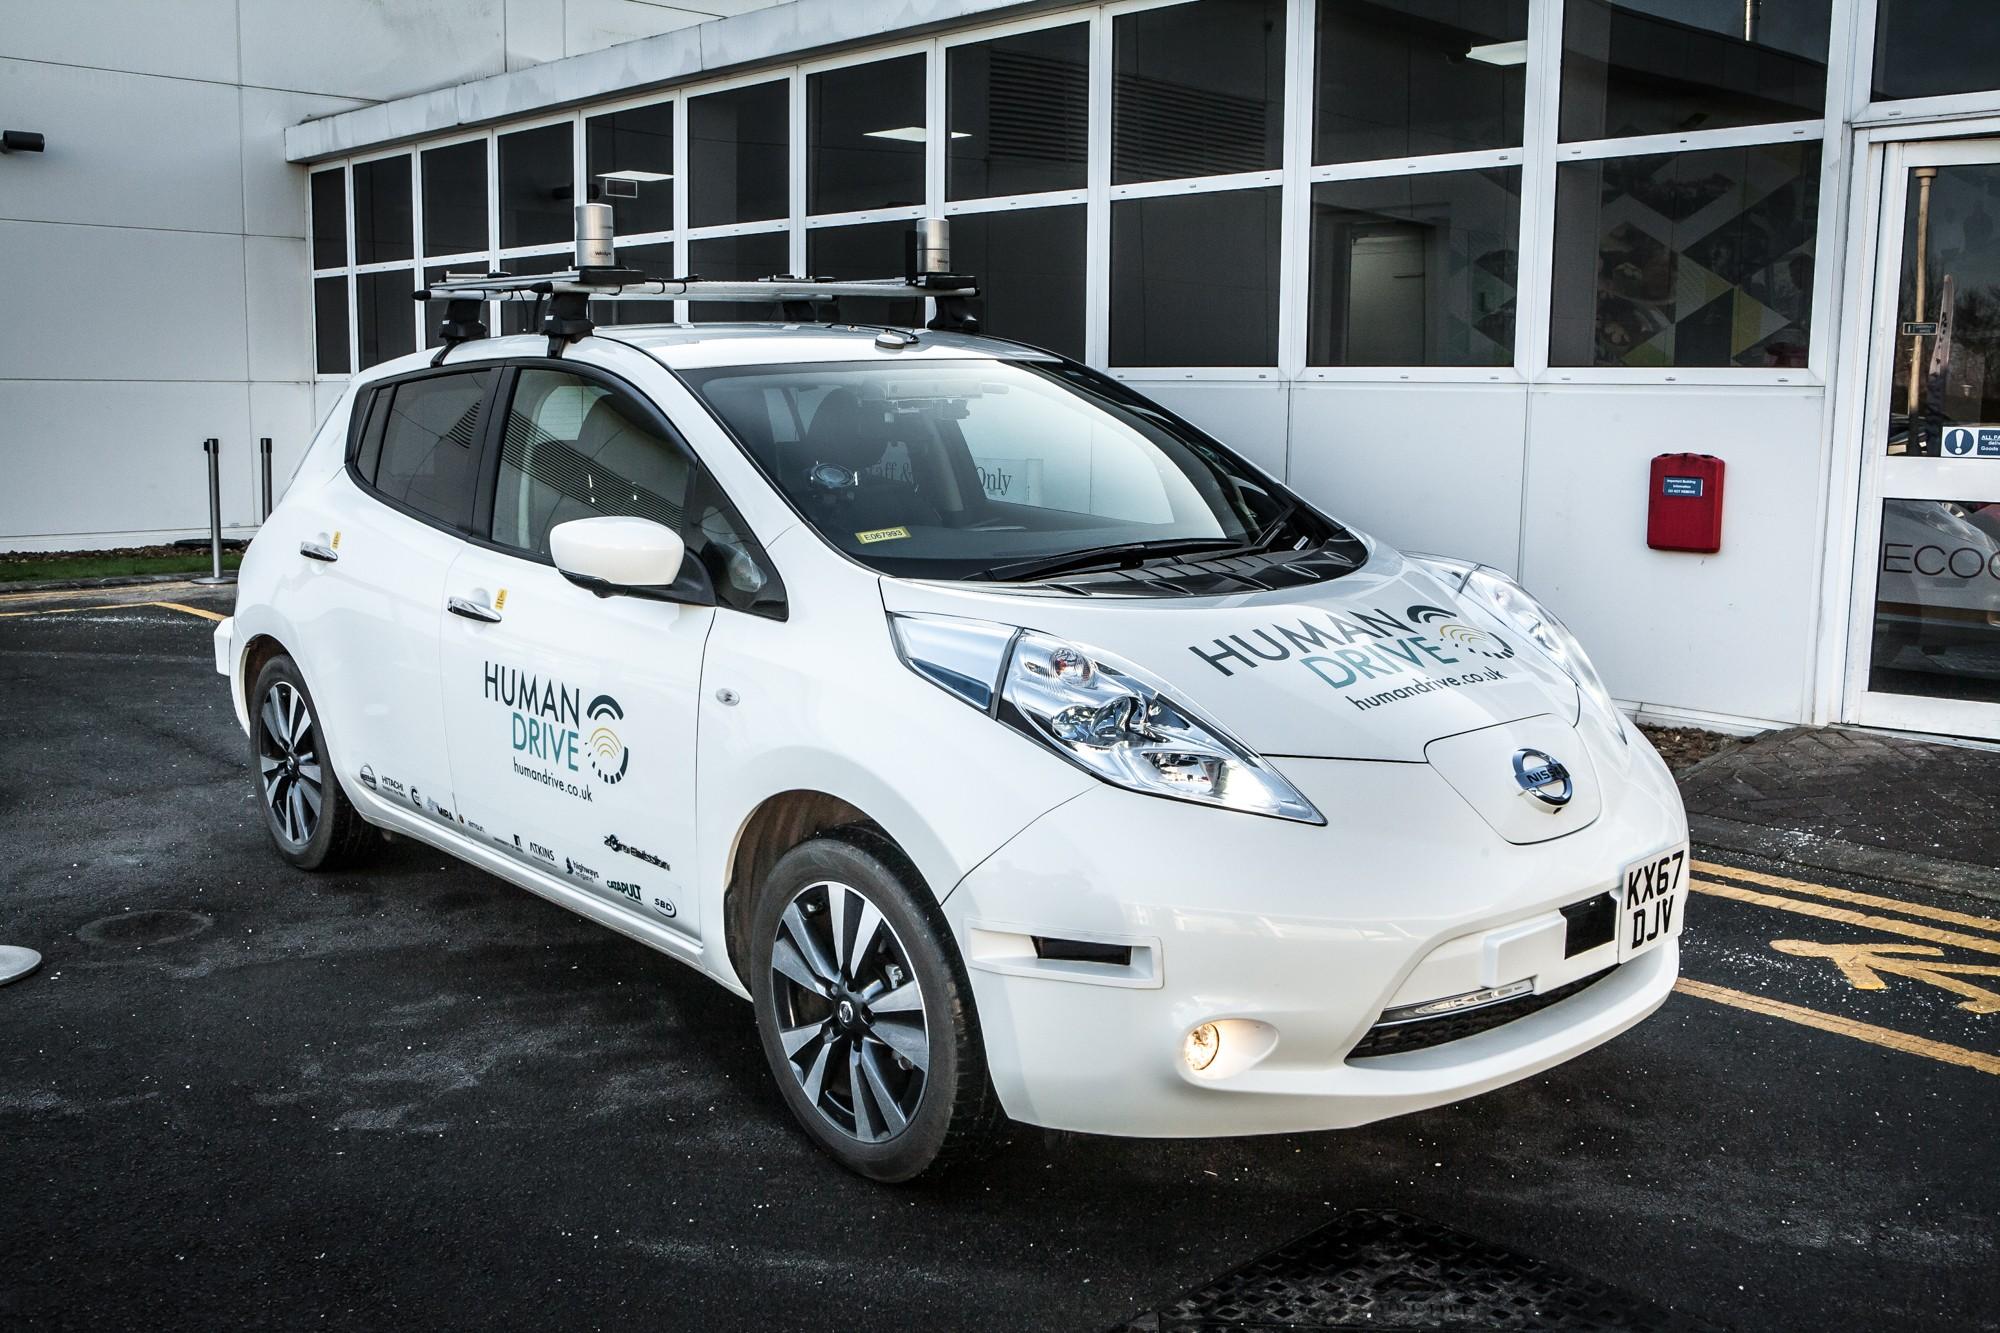 А на крыше стоит ведро за 40 тысяч фунтов: почему Nissan делает беспилотники?